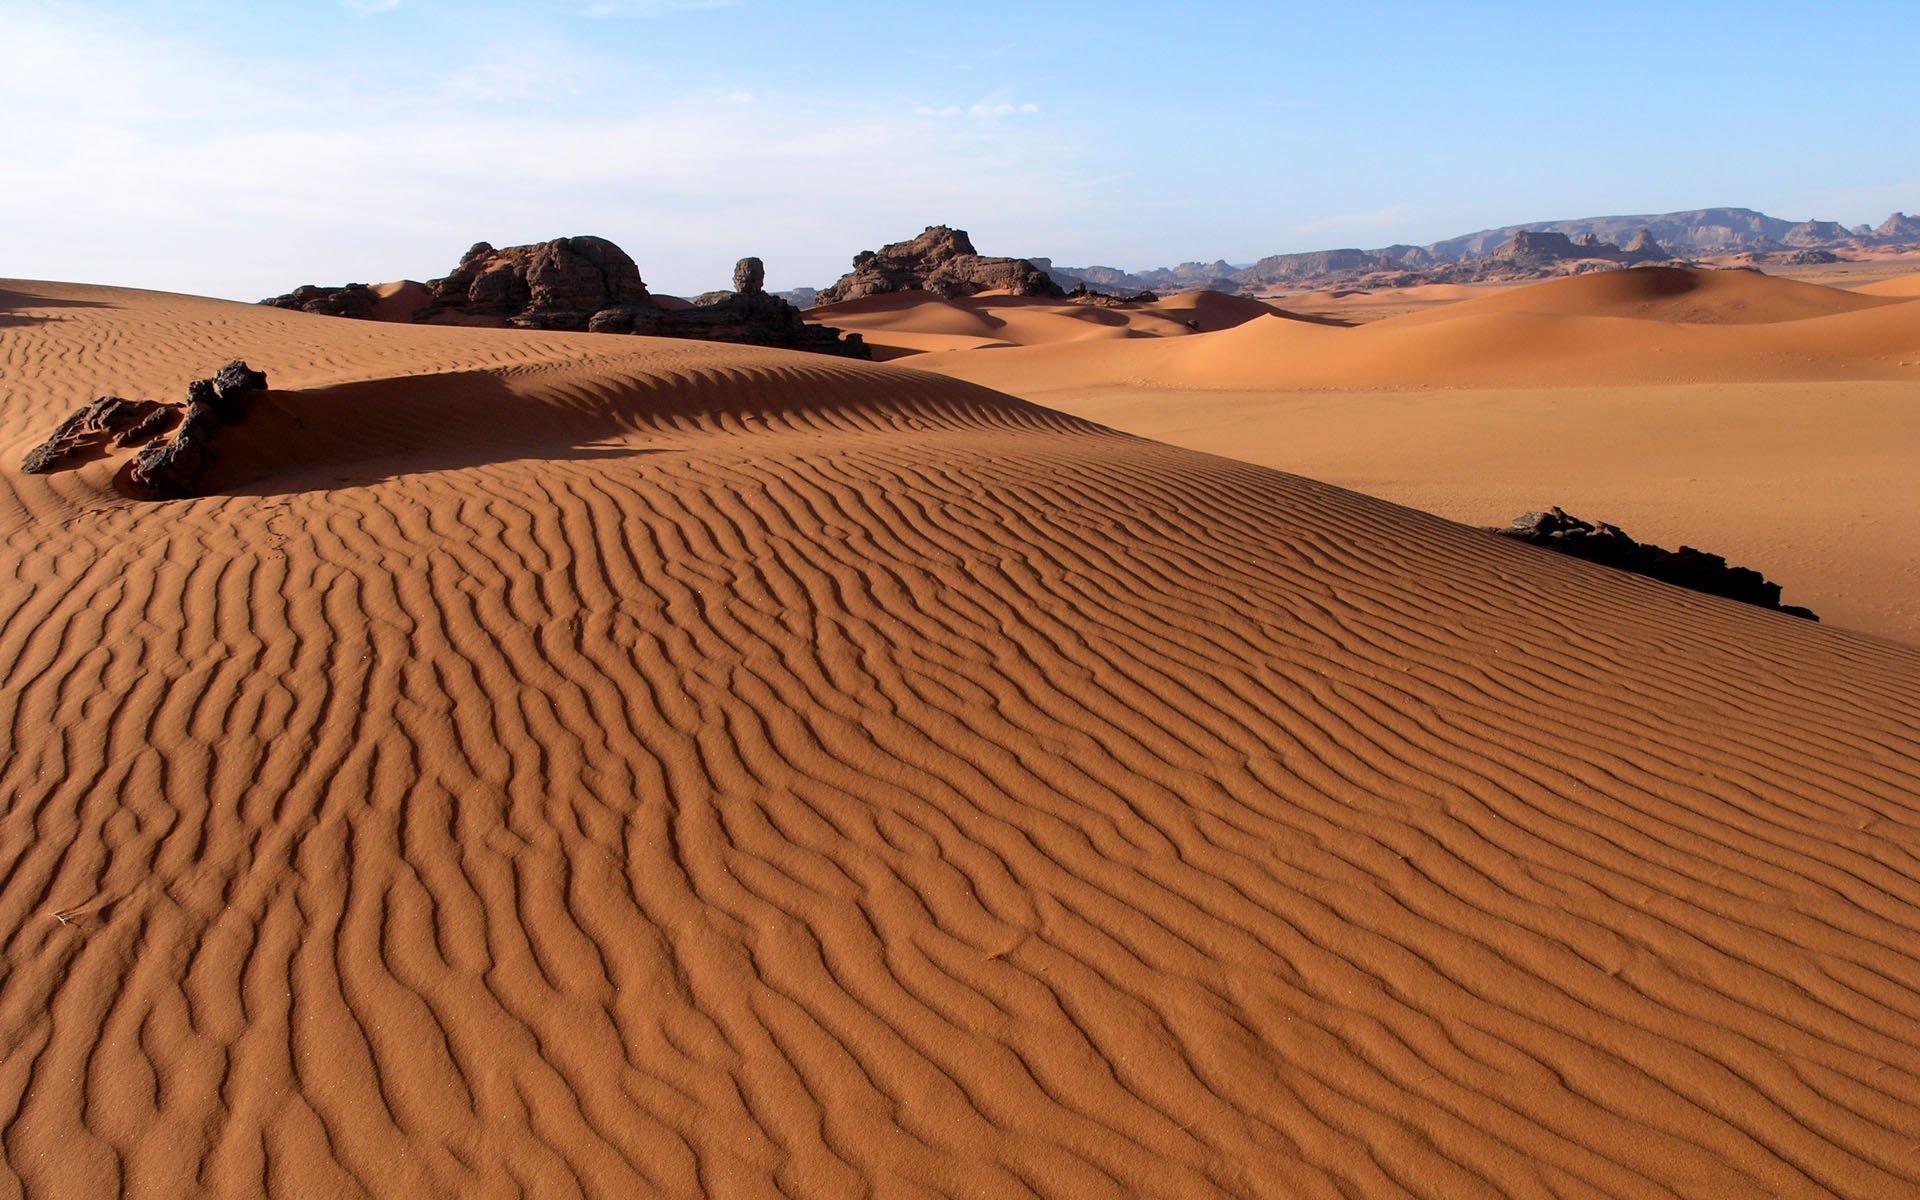 High Resolution Desert Hd 1920x1200 Wallpaper Id 225653 For Desktop